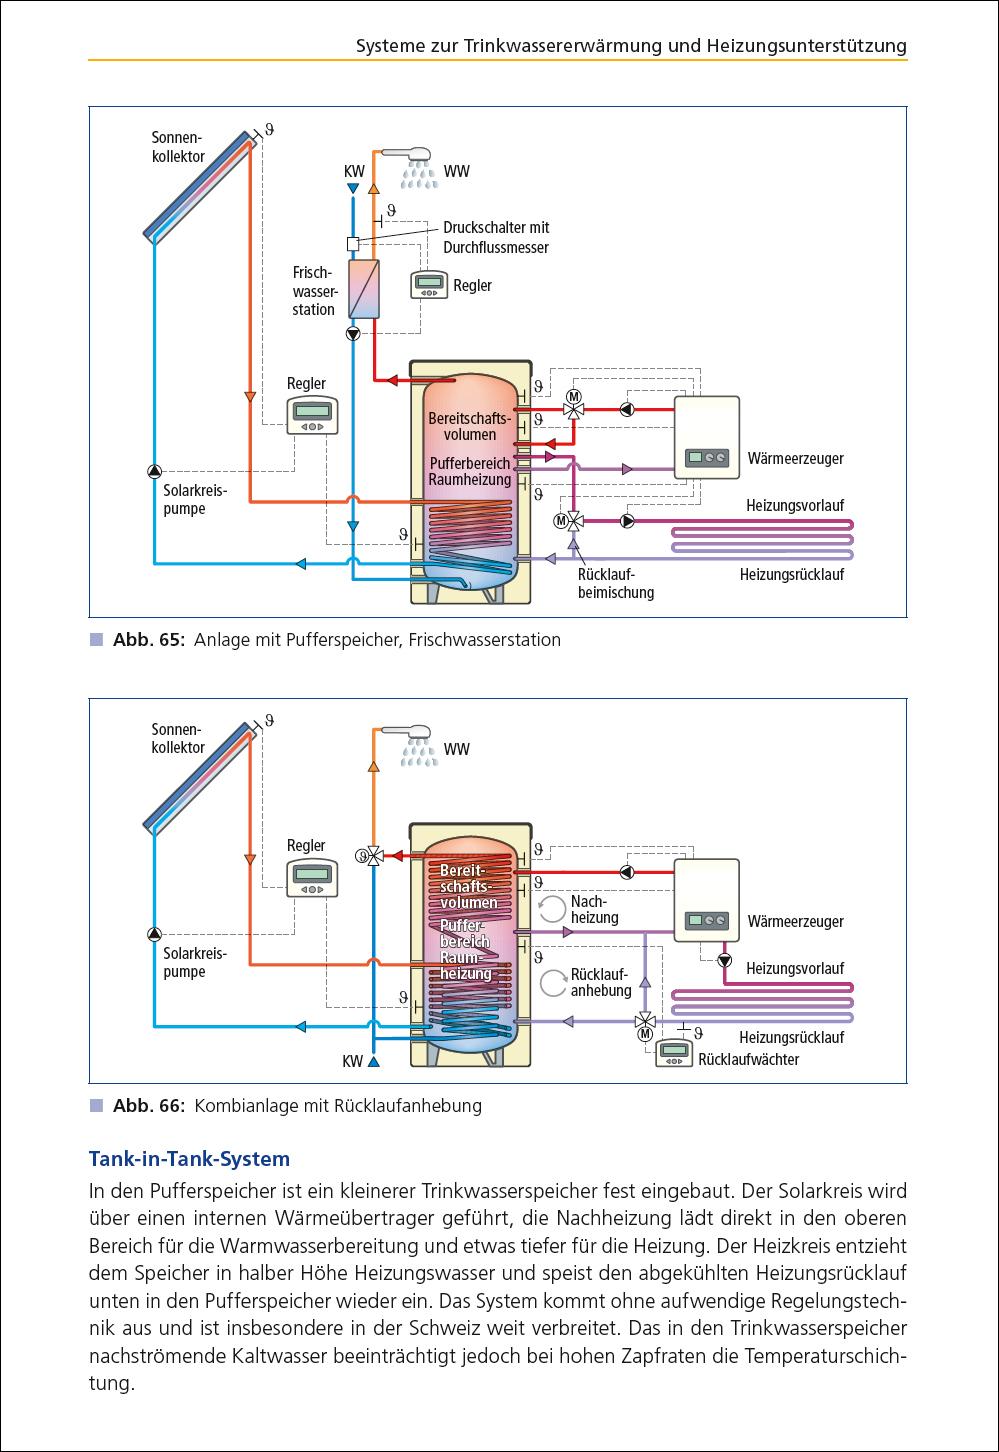 Solare Wärme | Medienservice Holzhandwerk